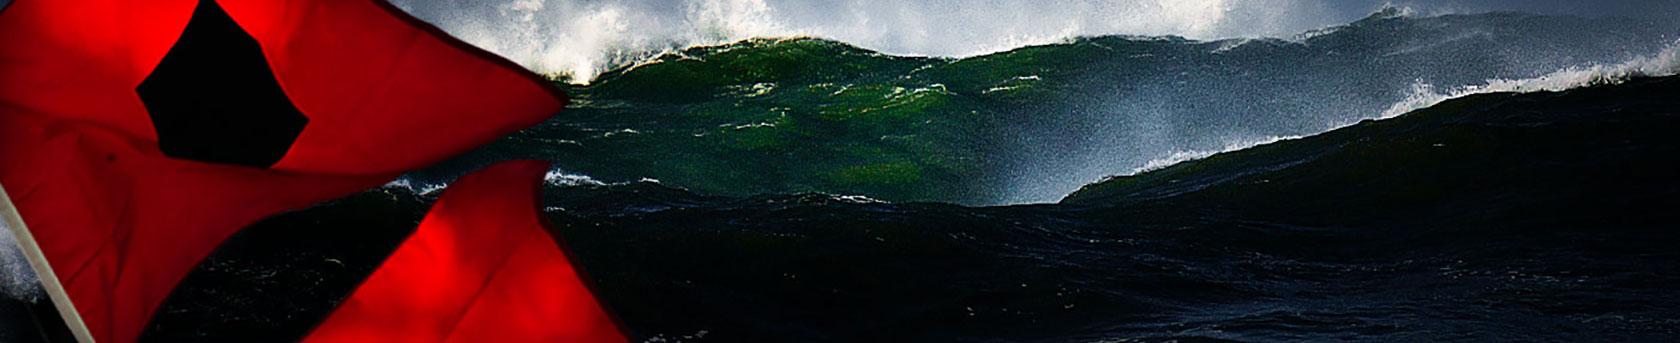 Prepare your boat for hurricane season